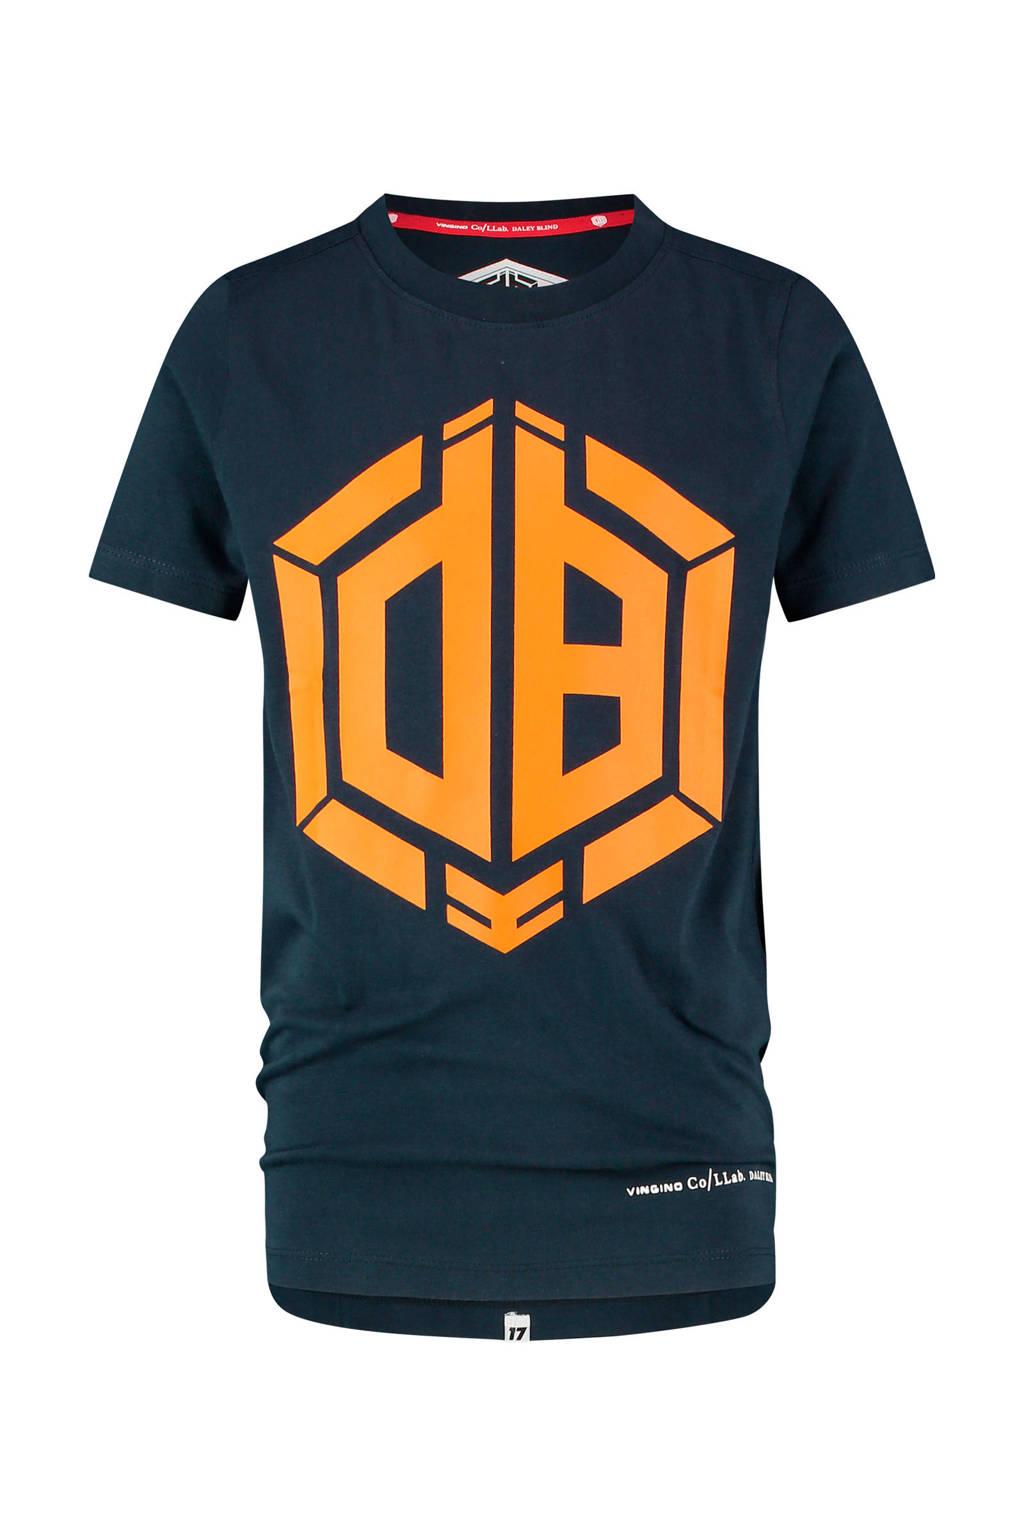 Vingino Daley Blind T-shirt Hemaro met logo donkerblauw/oranje, Donkerblauw/oranje